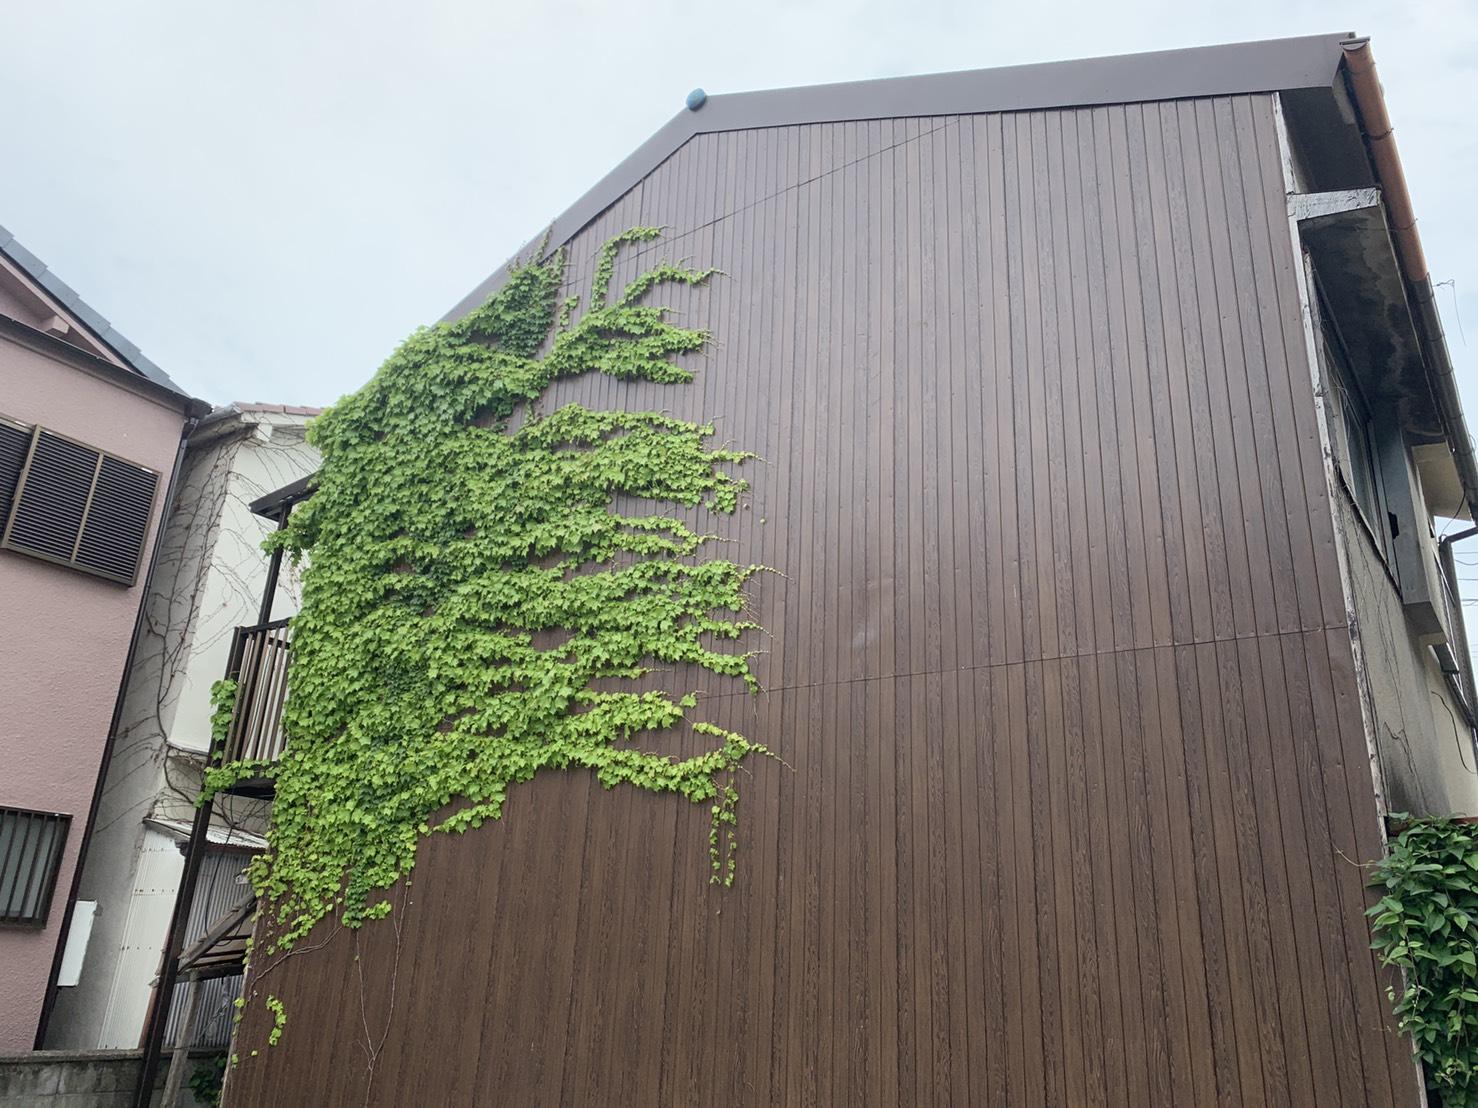 明石市での2階建て収益物件の裏面